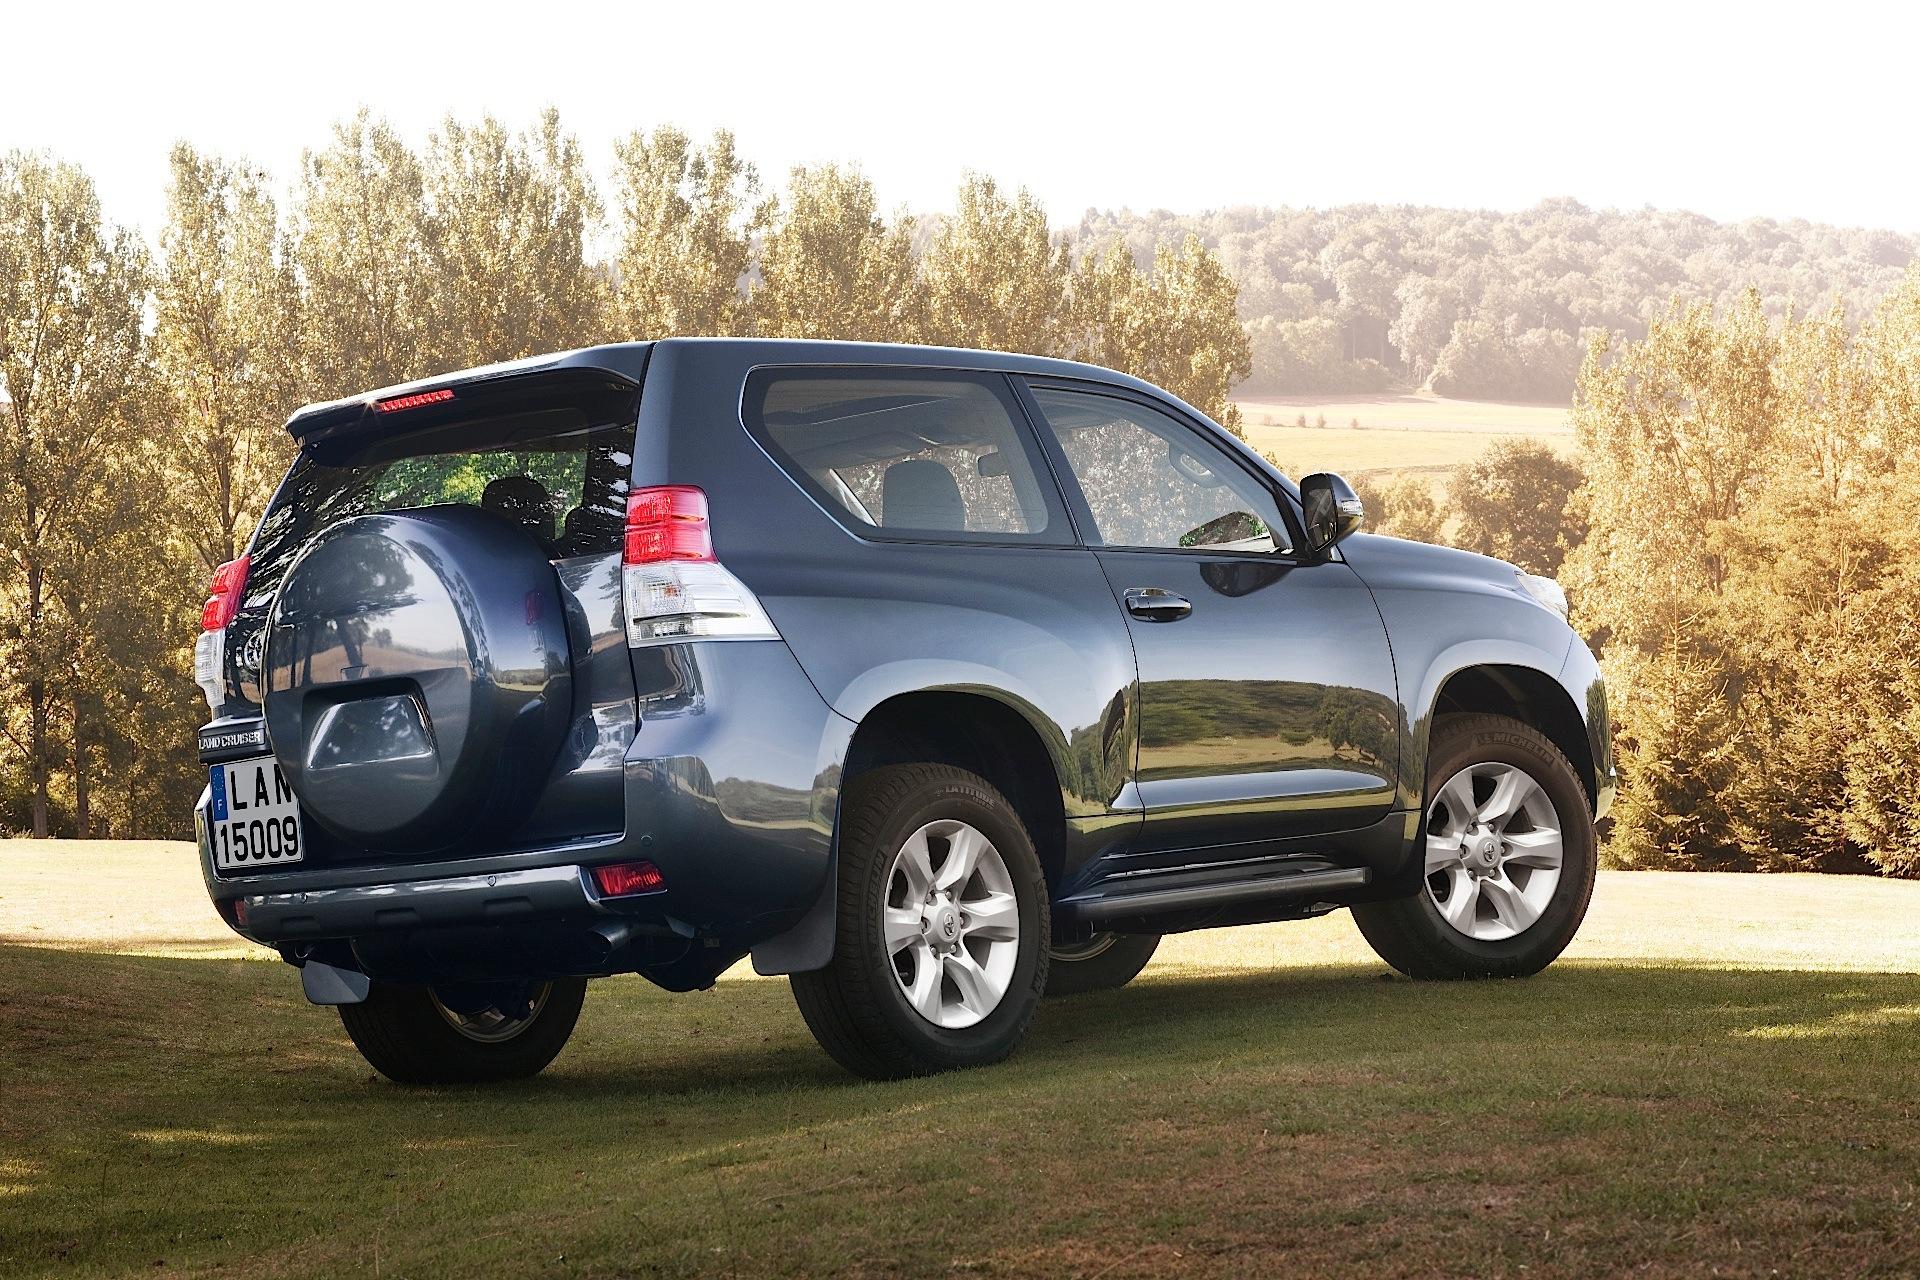 TOYOTA Land Cruiser 150 3 Doors - 2009, 2010, 2011, 2012 ...